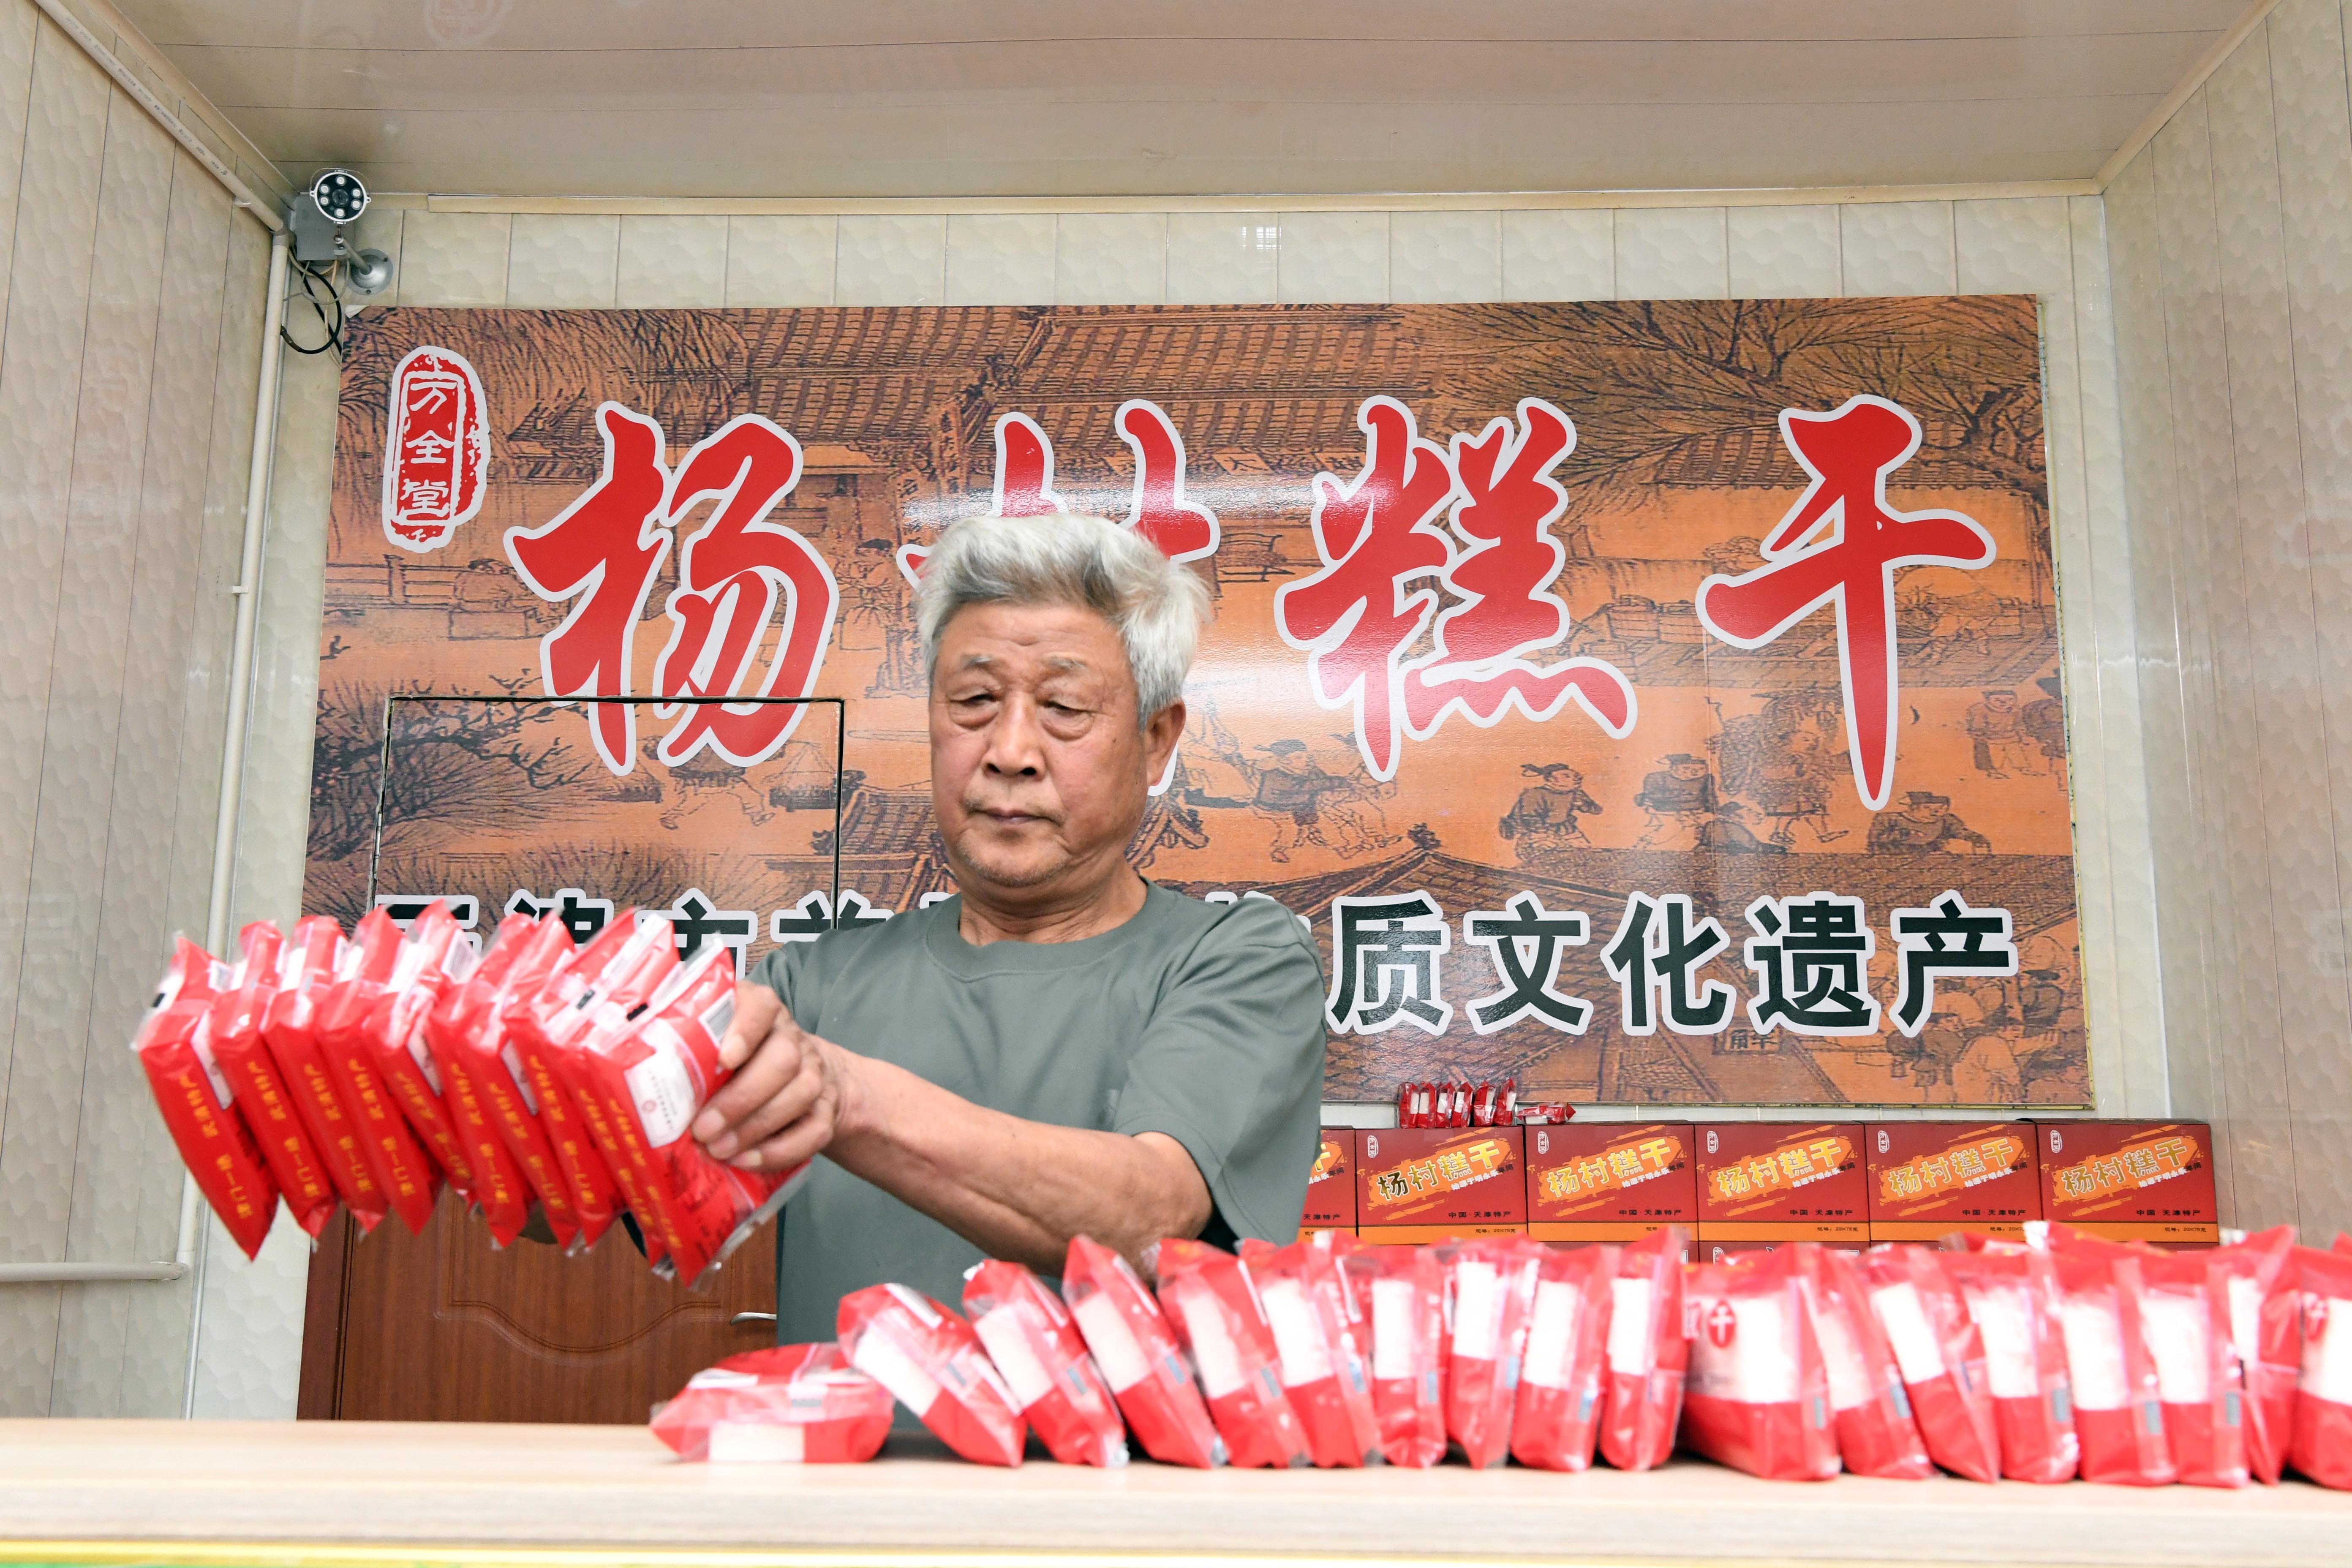 受け継がれる運河文化の味、天津の伝統菓子「楊村糕干」